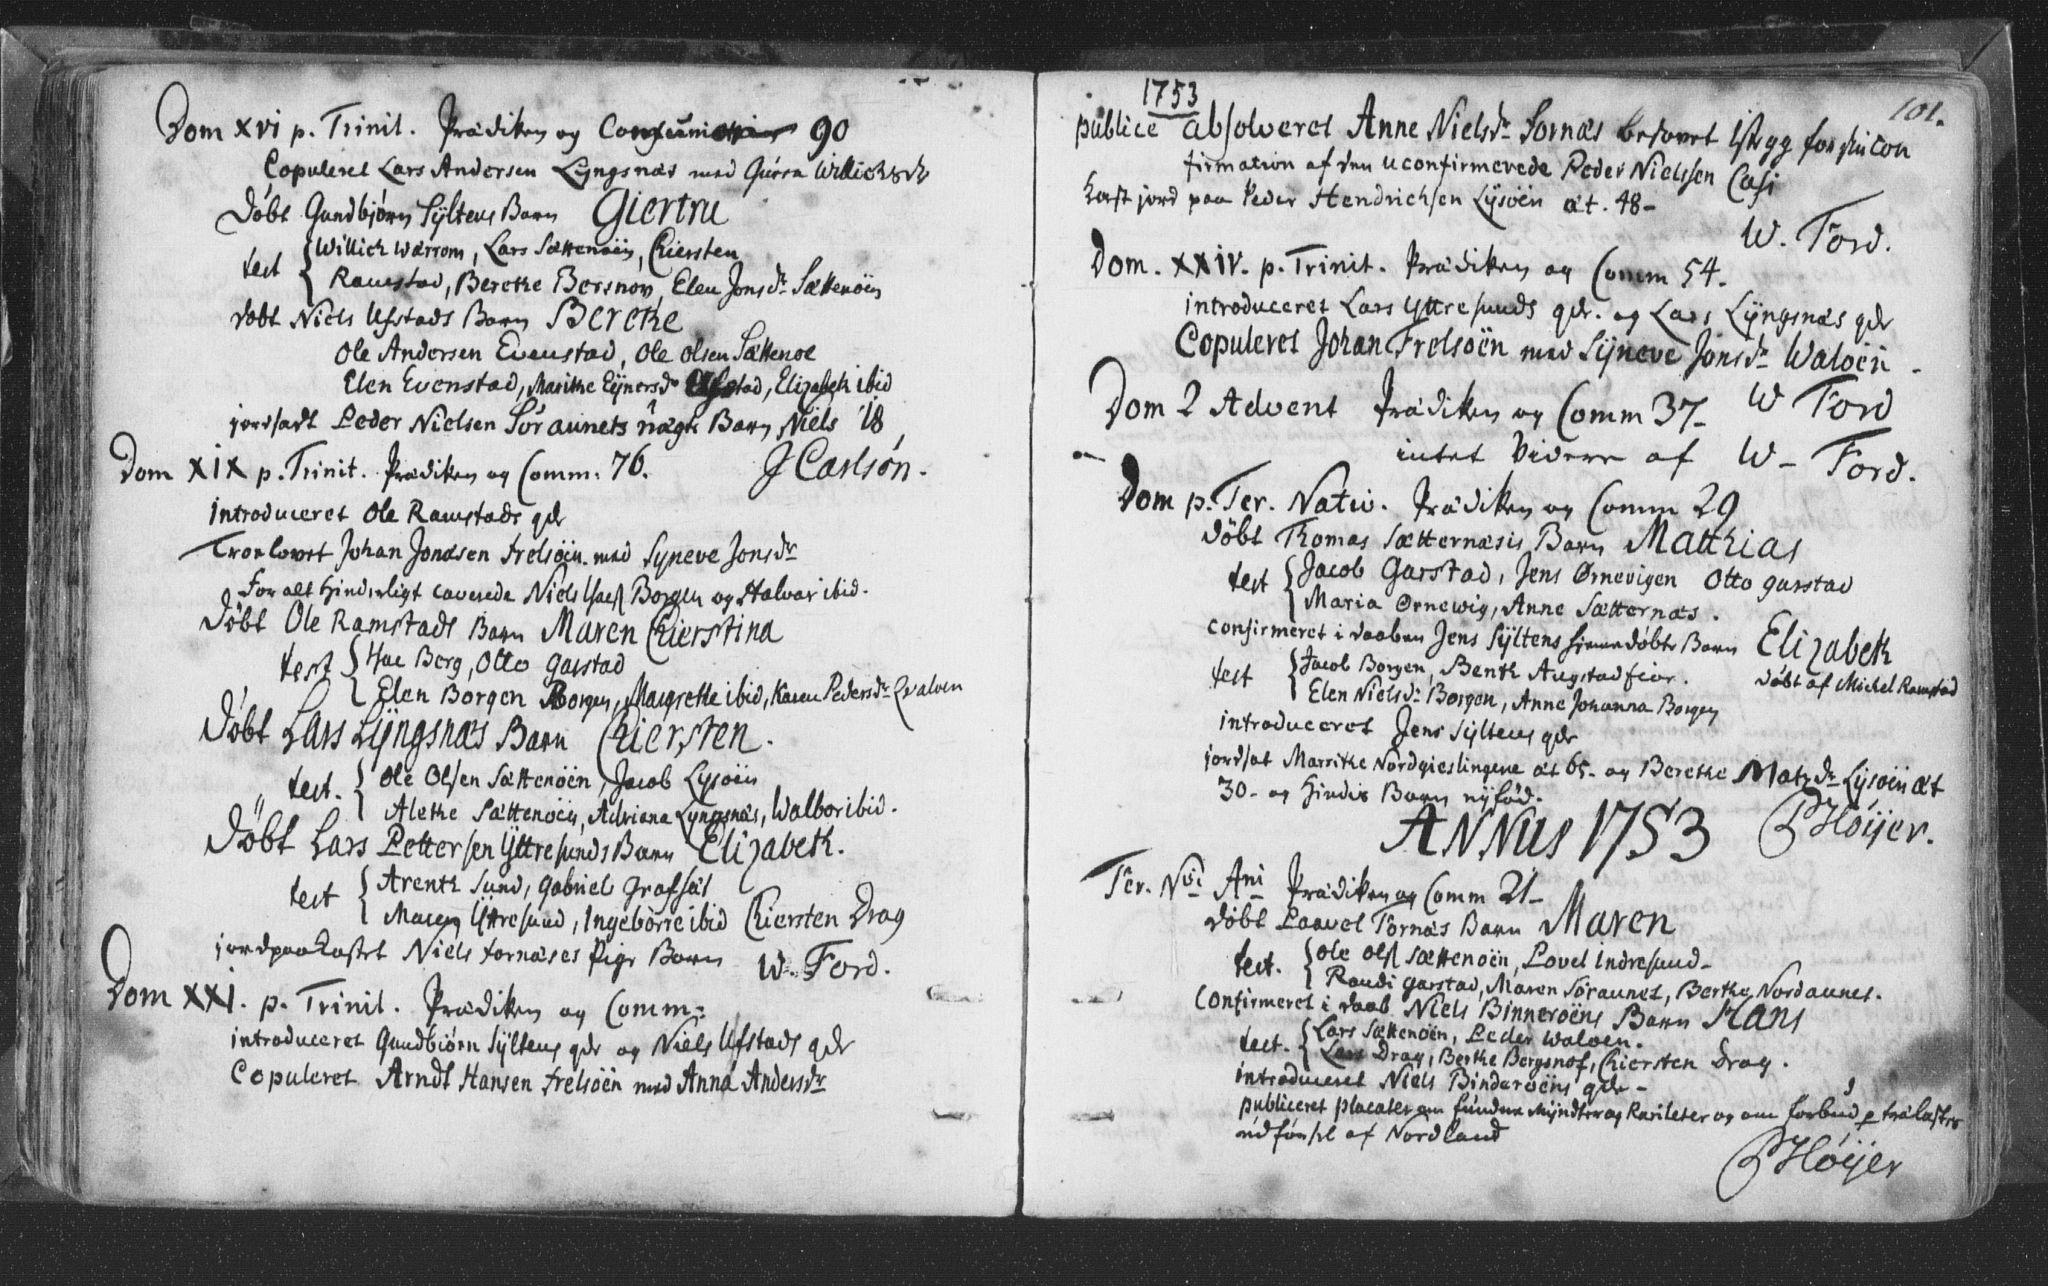 SAT, Ministerialprotokoller, klokkerbøker og fødselsregistre - Nord-Trøndelag, 786/L0685: Ministerialbok nr. 786A01, 1710-1798, s. 101